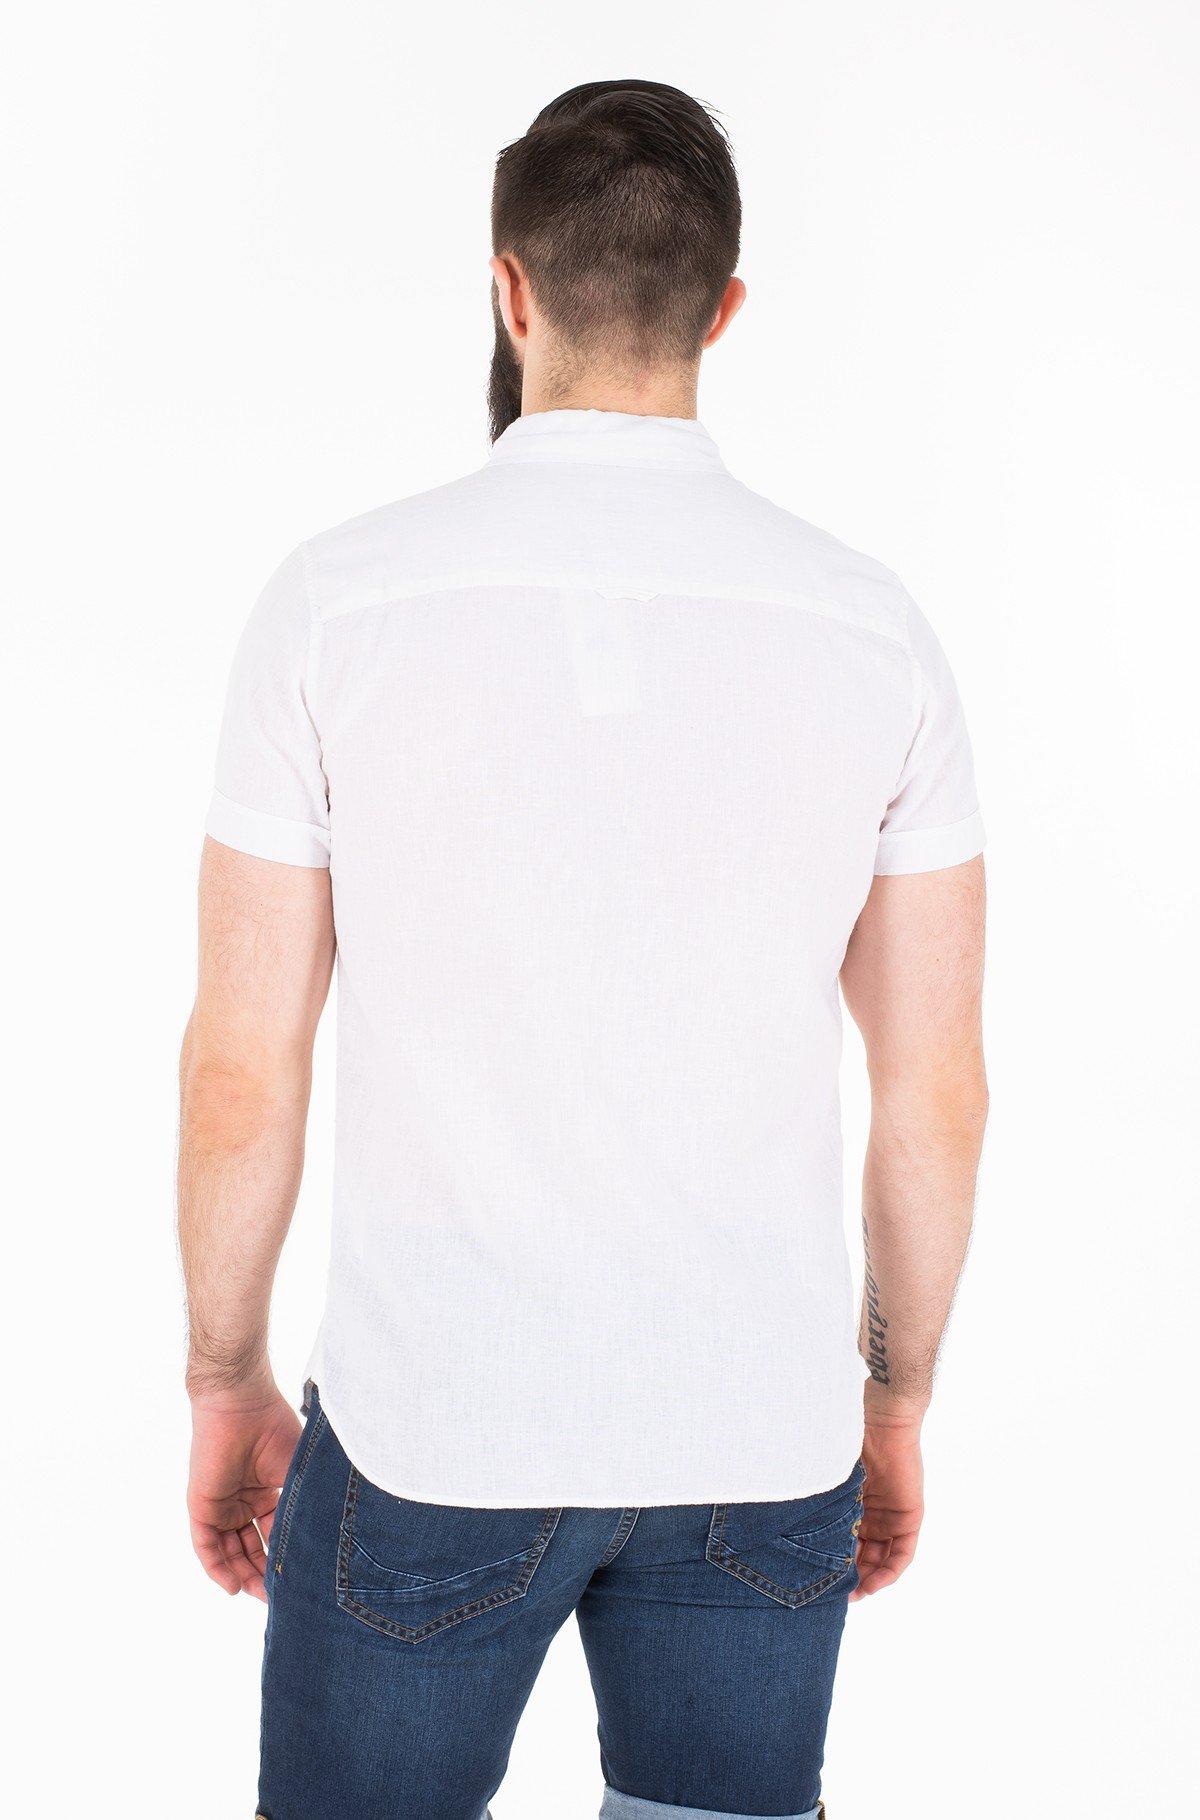 Marškiniai su trumpomis rankovėmis 1007399-full-2